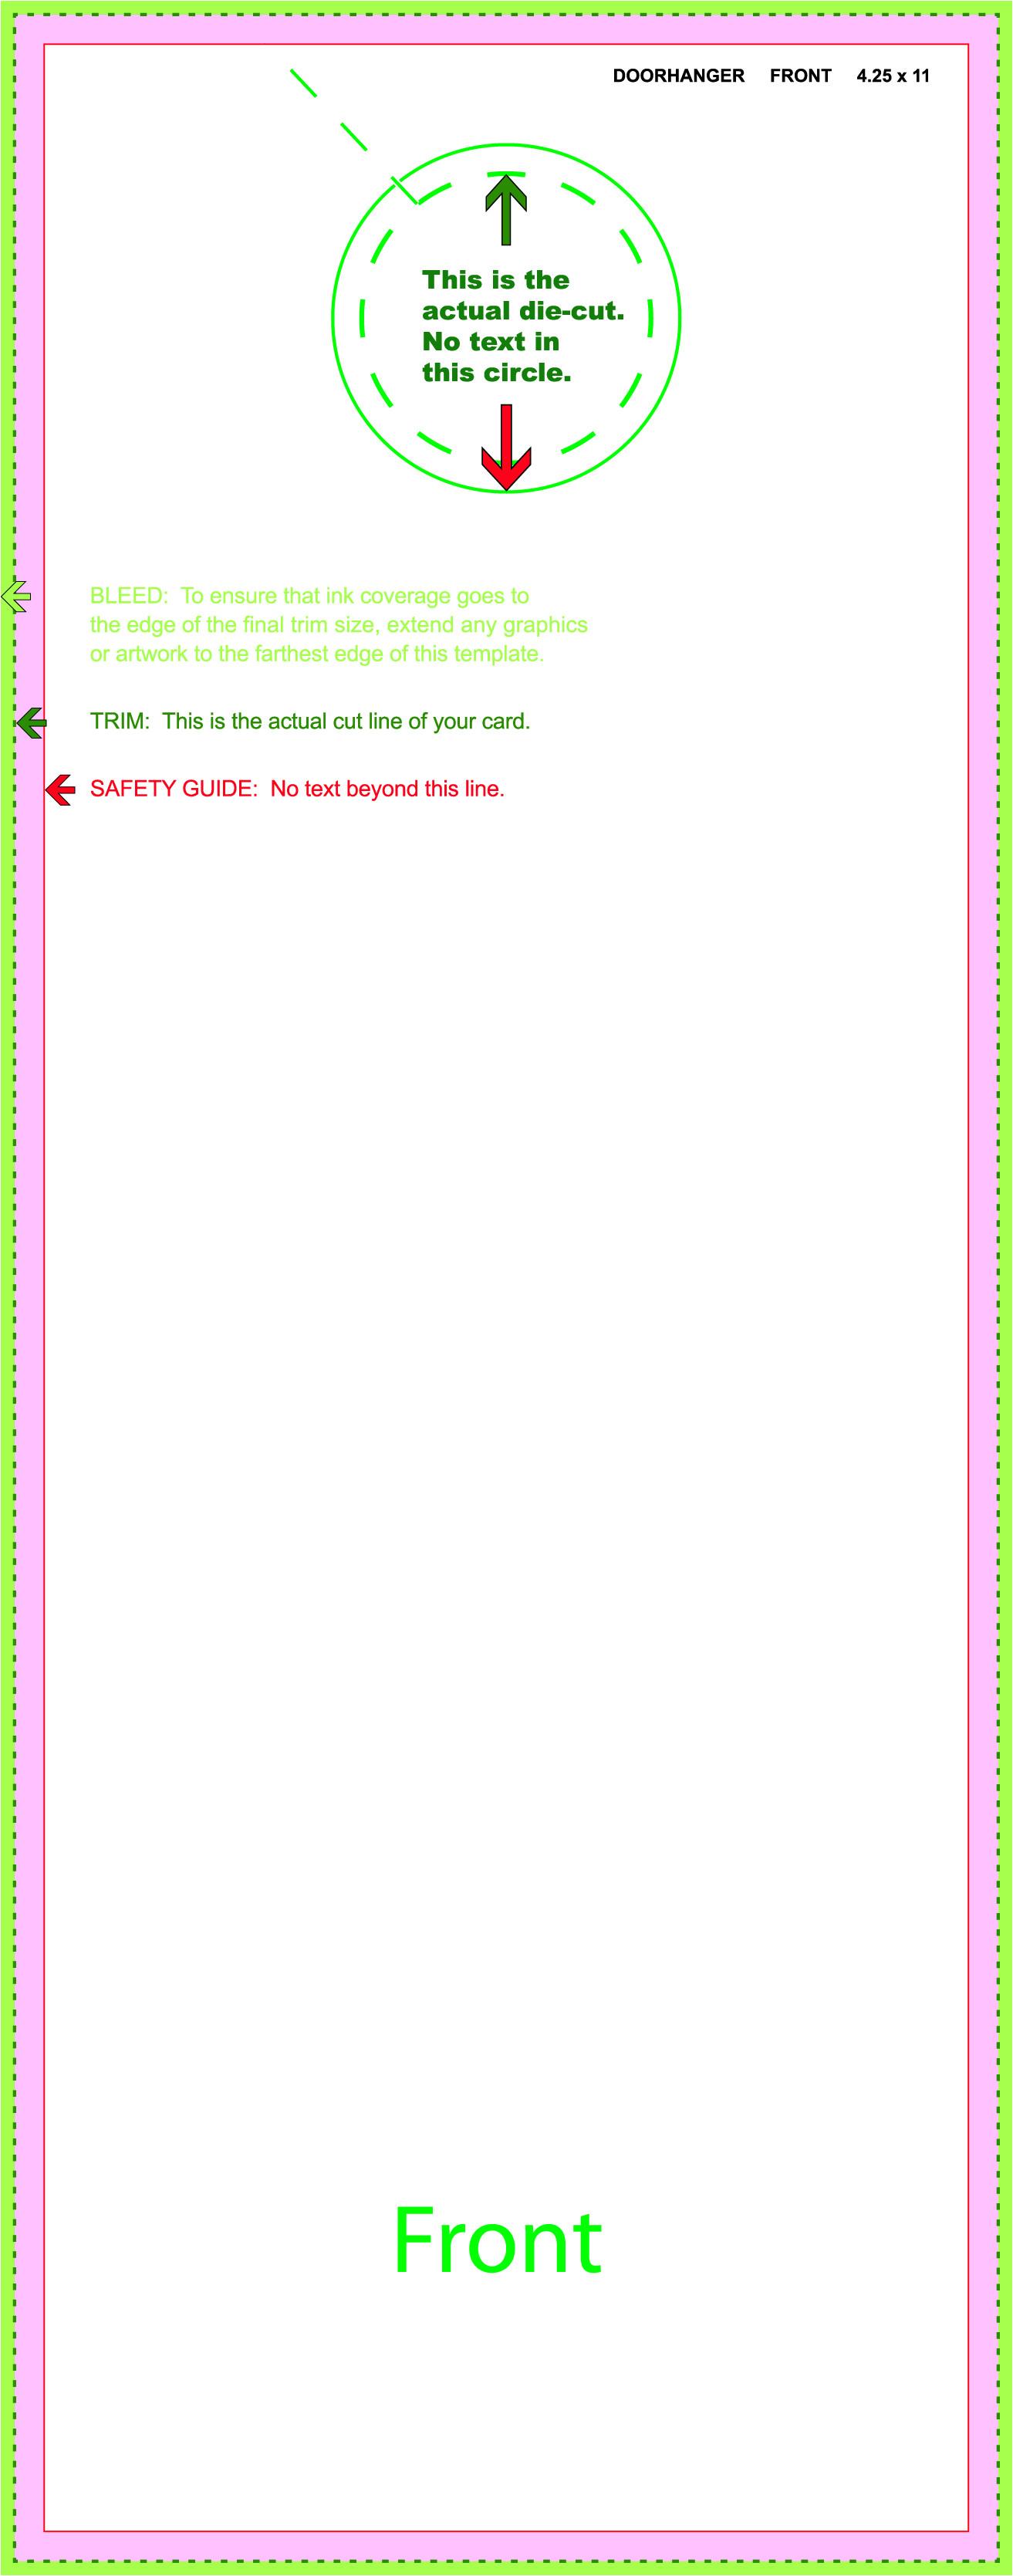 4.25 X 11 Door Hanger Template Business Card Printing Template Business Card Sample